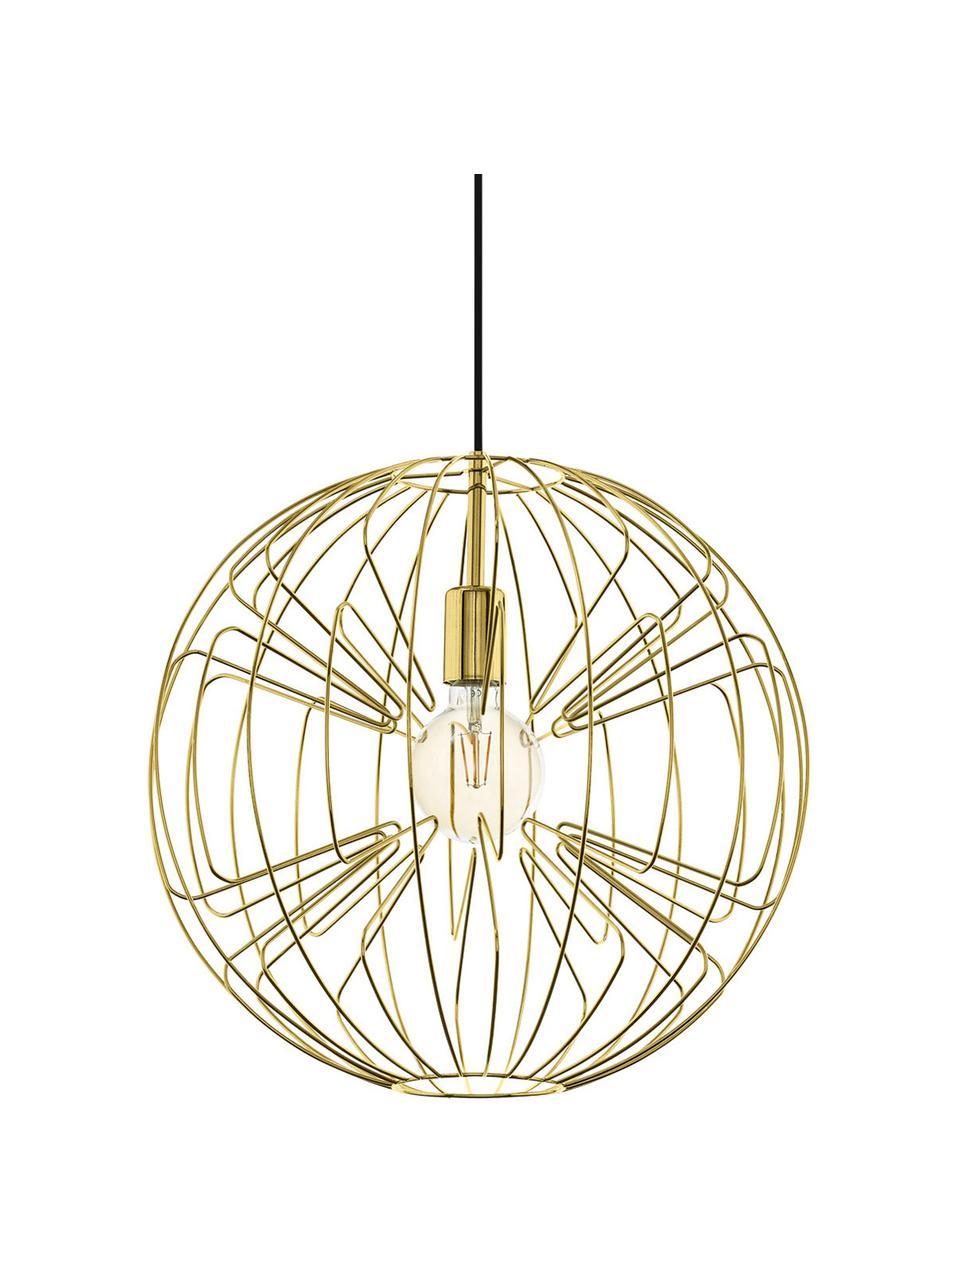 Lampa wisząca Okinzuri, Złoty, Ø 45 cm